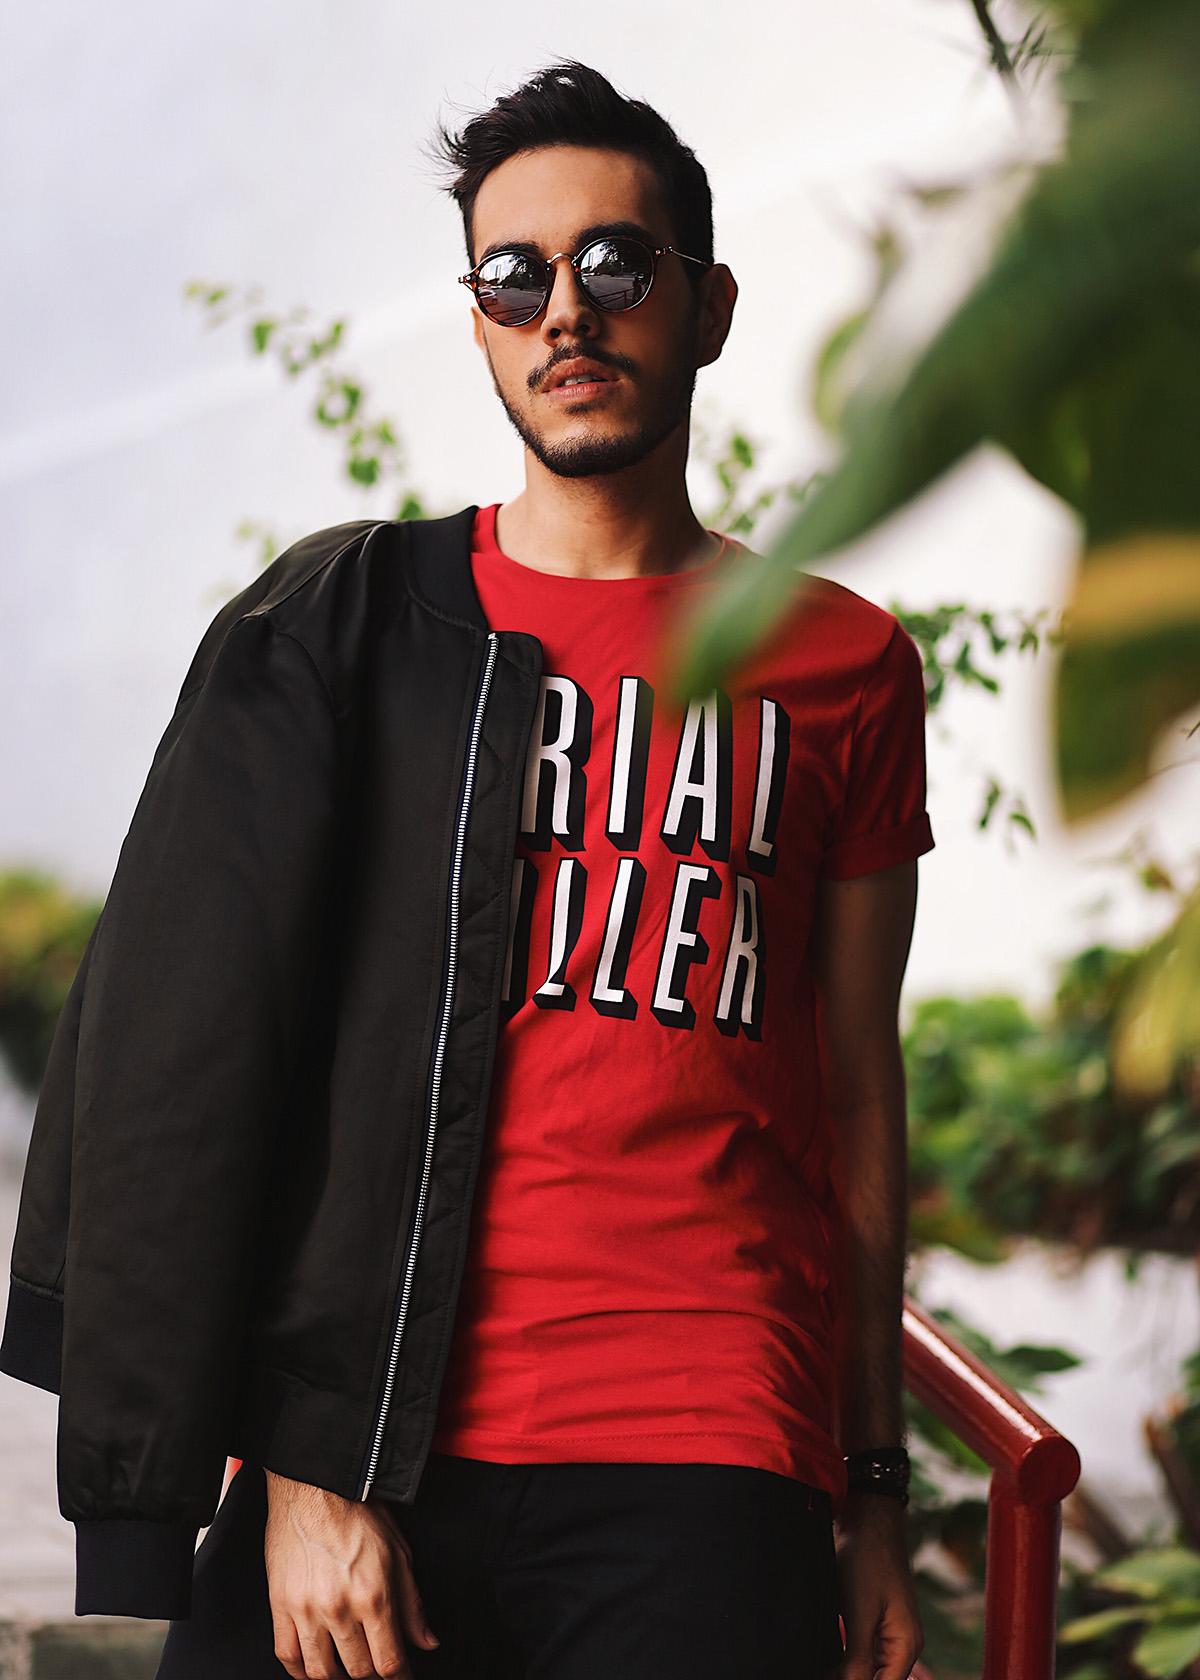 e0dddaebafd04 MODA • LOOK FN – NETFLIX MOOD (BLACK X RED) – Fashionerd